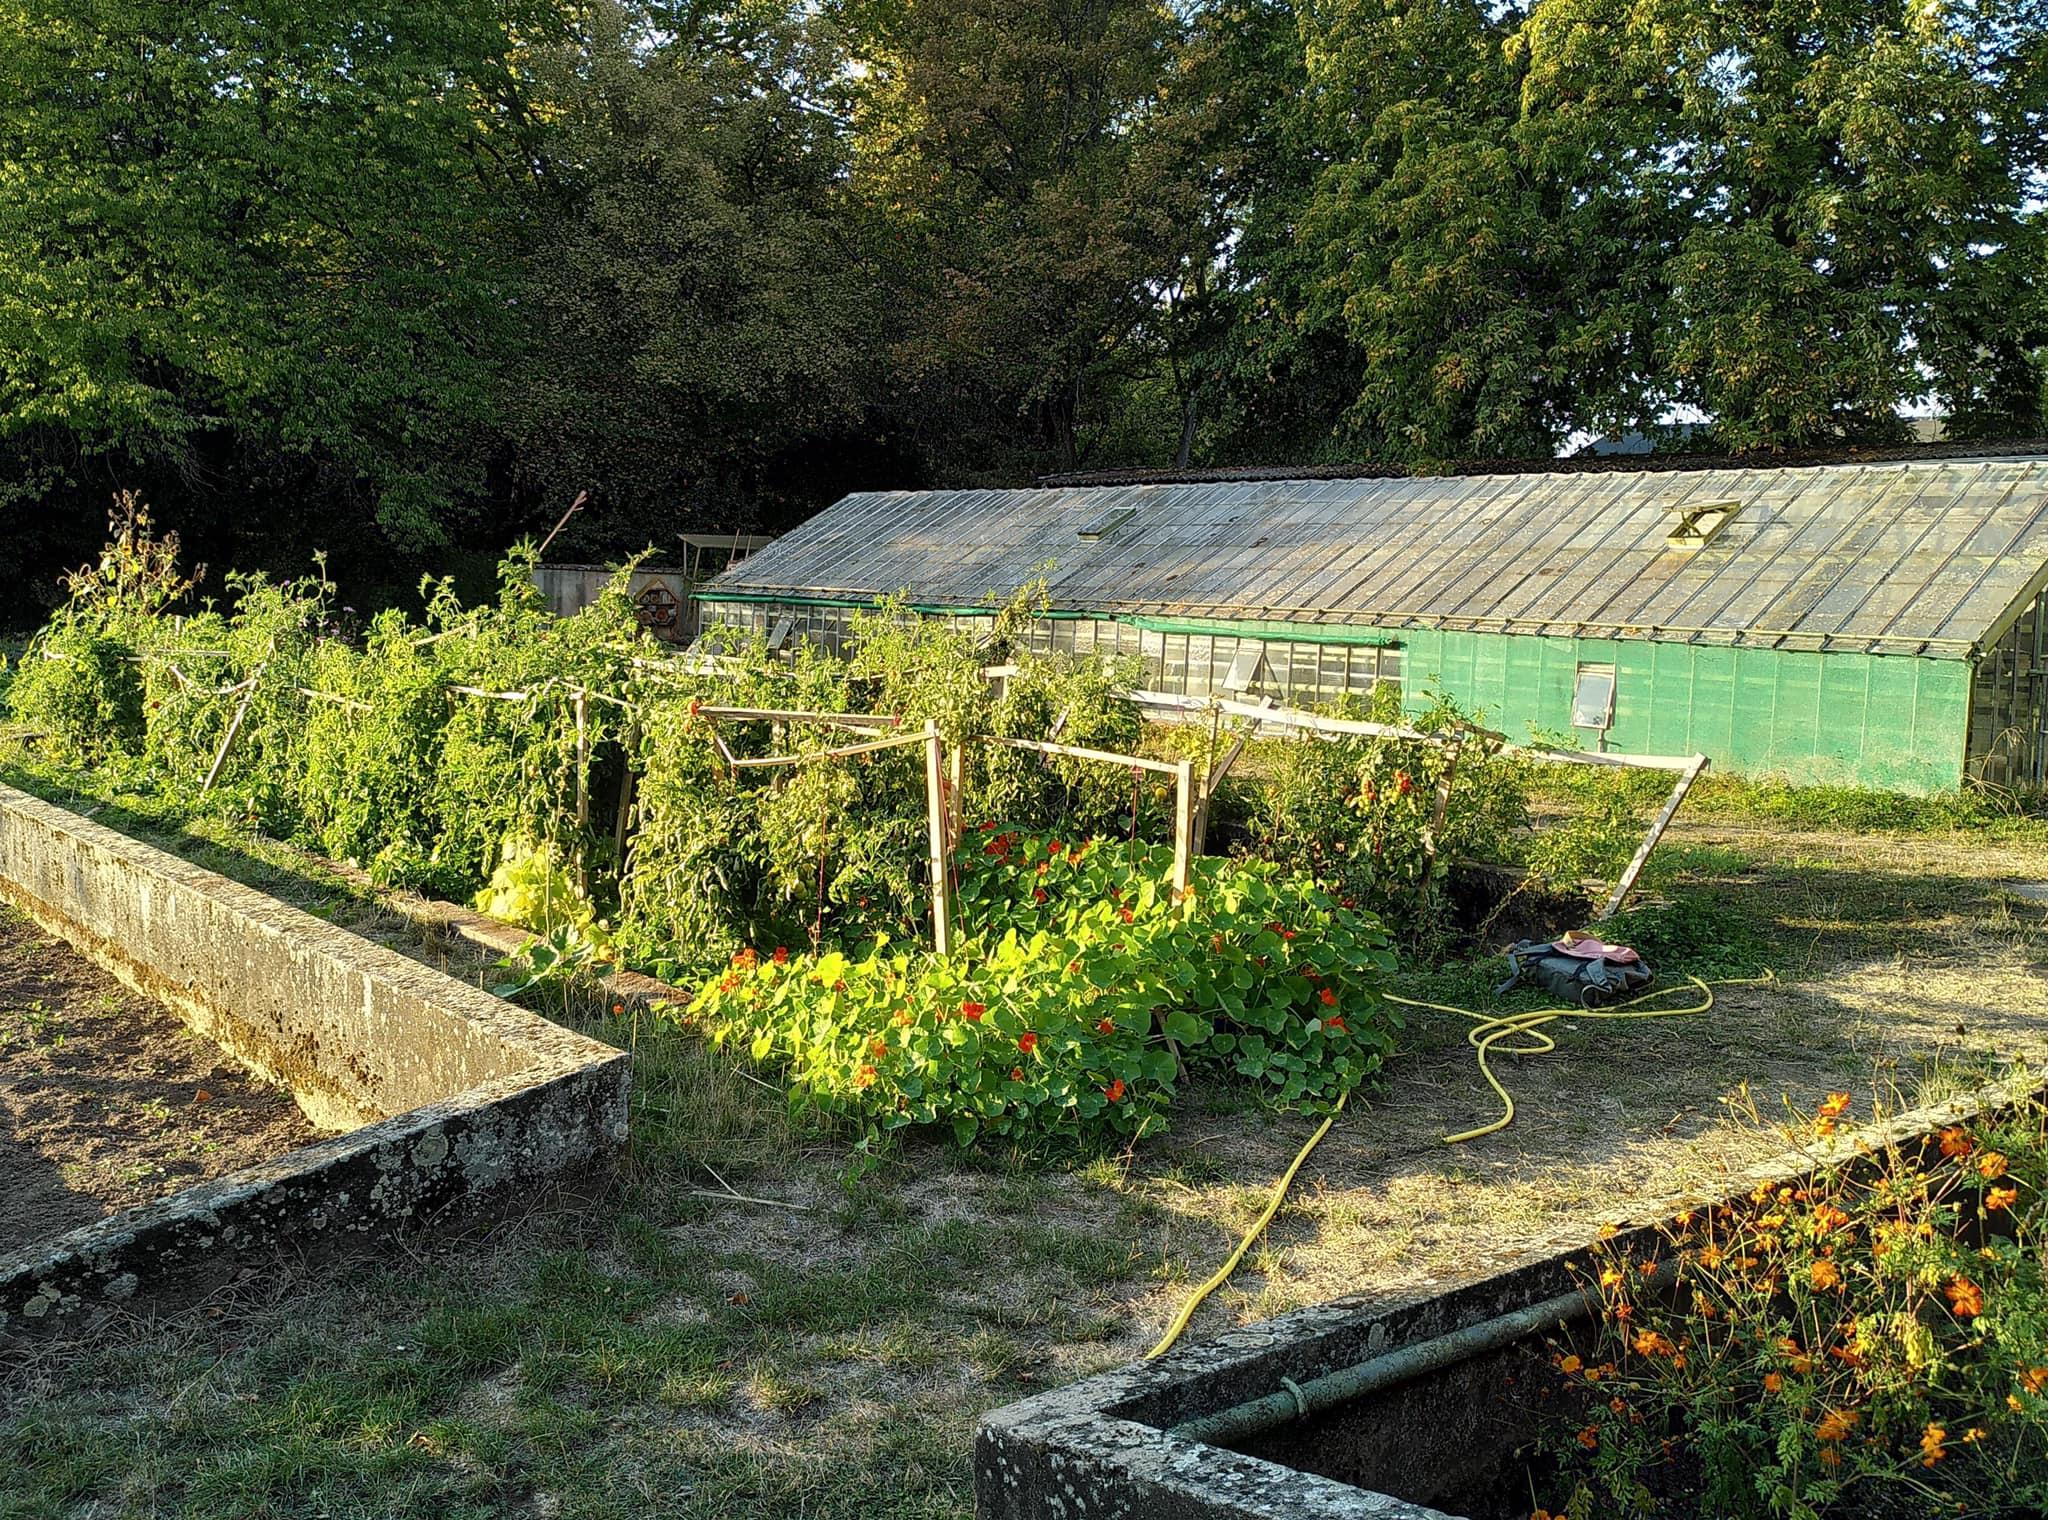 Khu vườn 400m² trăm loại cây đua nhau xanh tốt gắn kết tình yêu của hai cử nhân bỏ phố về quê - Ảnh 3.